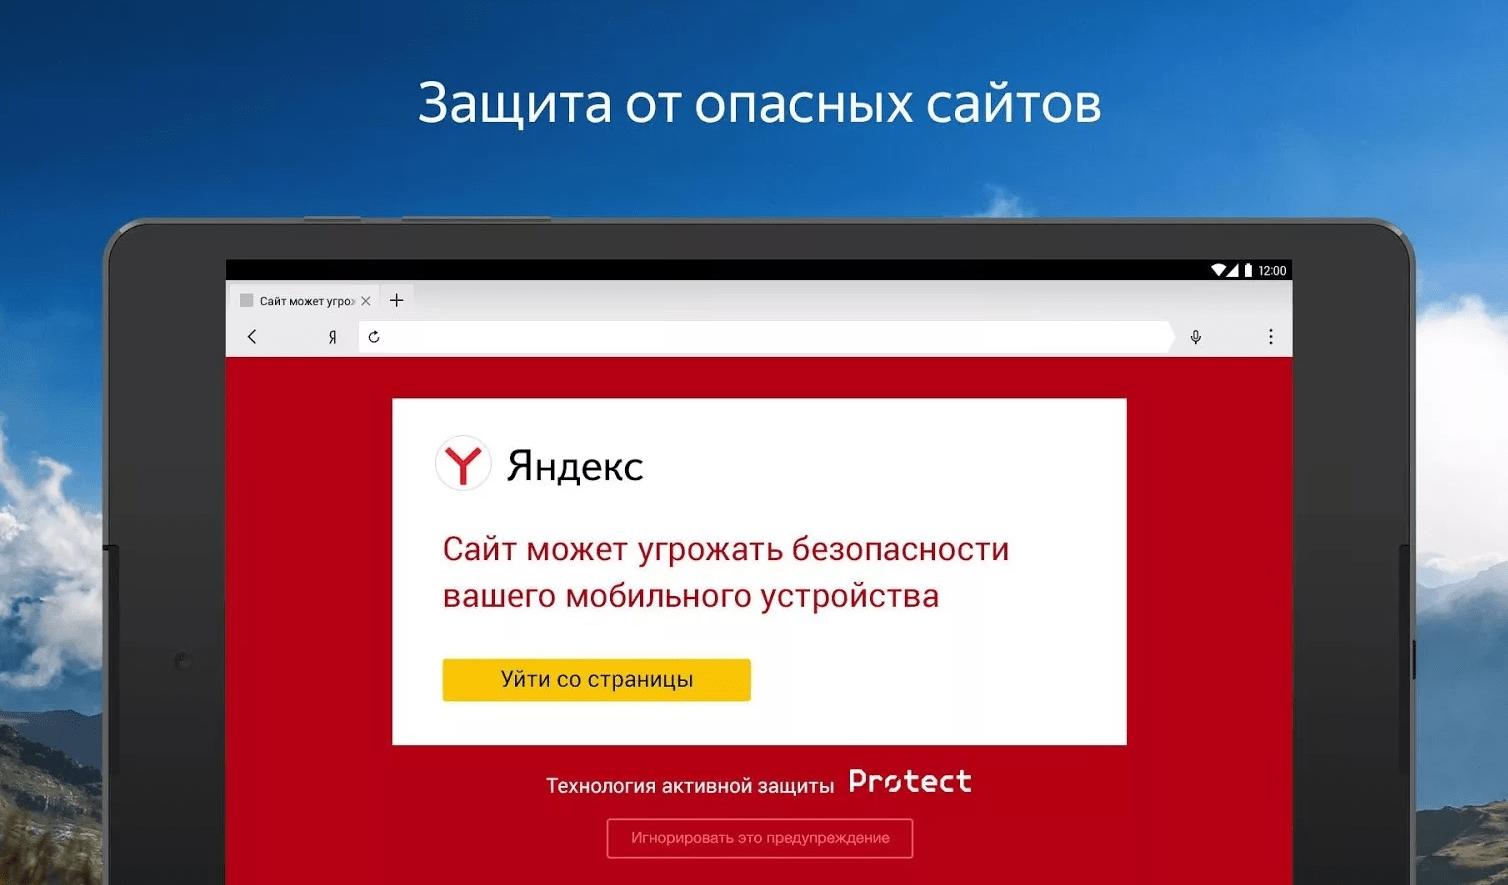 Яндекс Ptotect